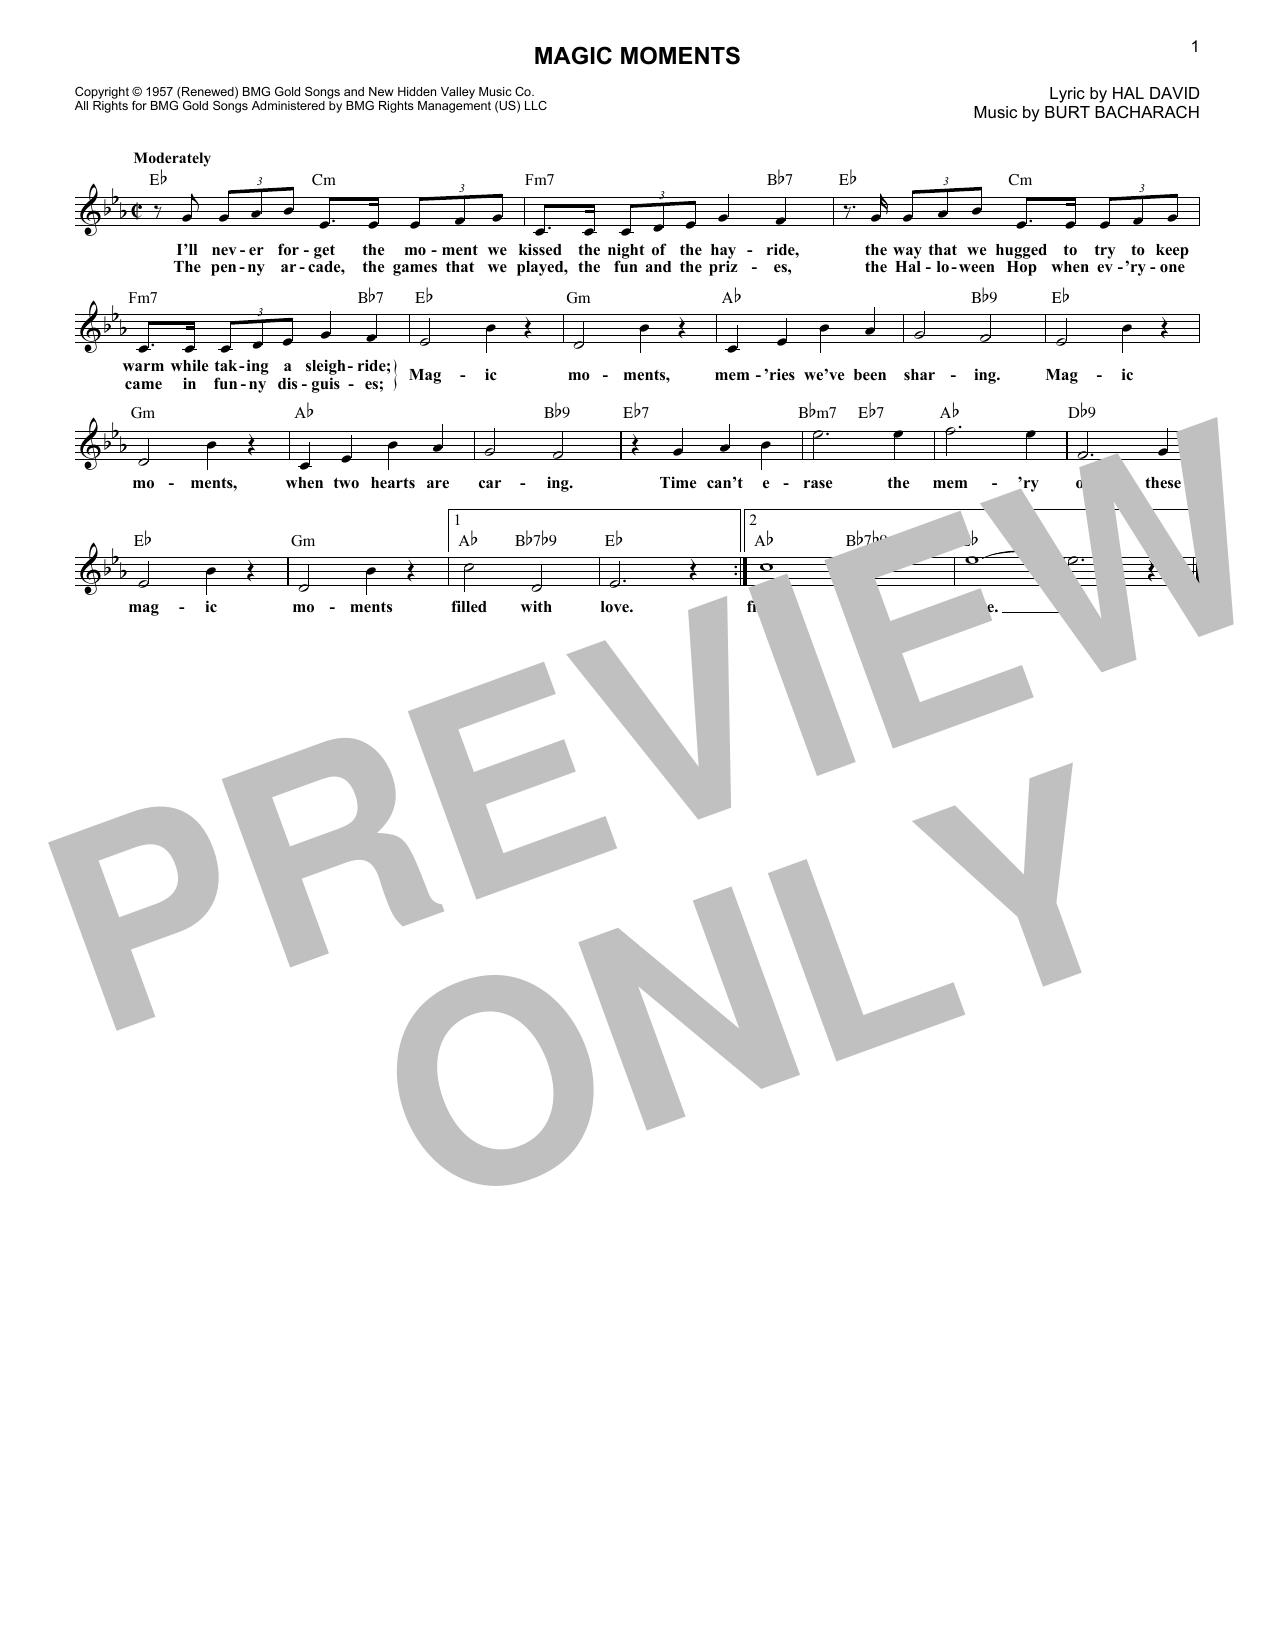 Burt Bacharach 'Magic Moments' Sheet Music Notes, Chords | Download  Printable Lead Sheet / Fake Book - SKU: 410282